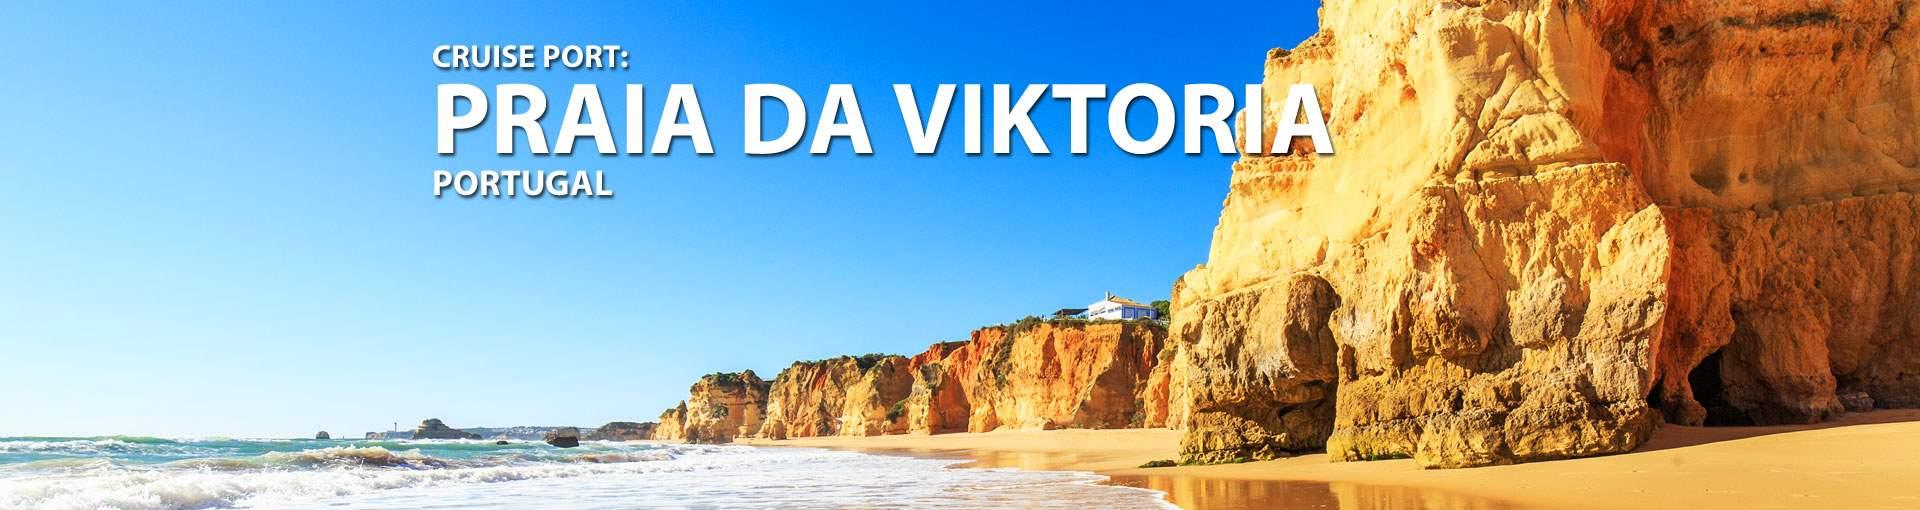 Cruises to Praia da Viktoria, Portugal